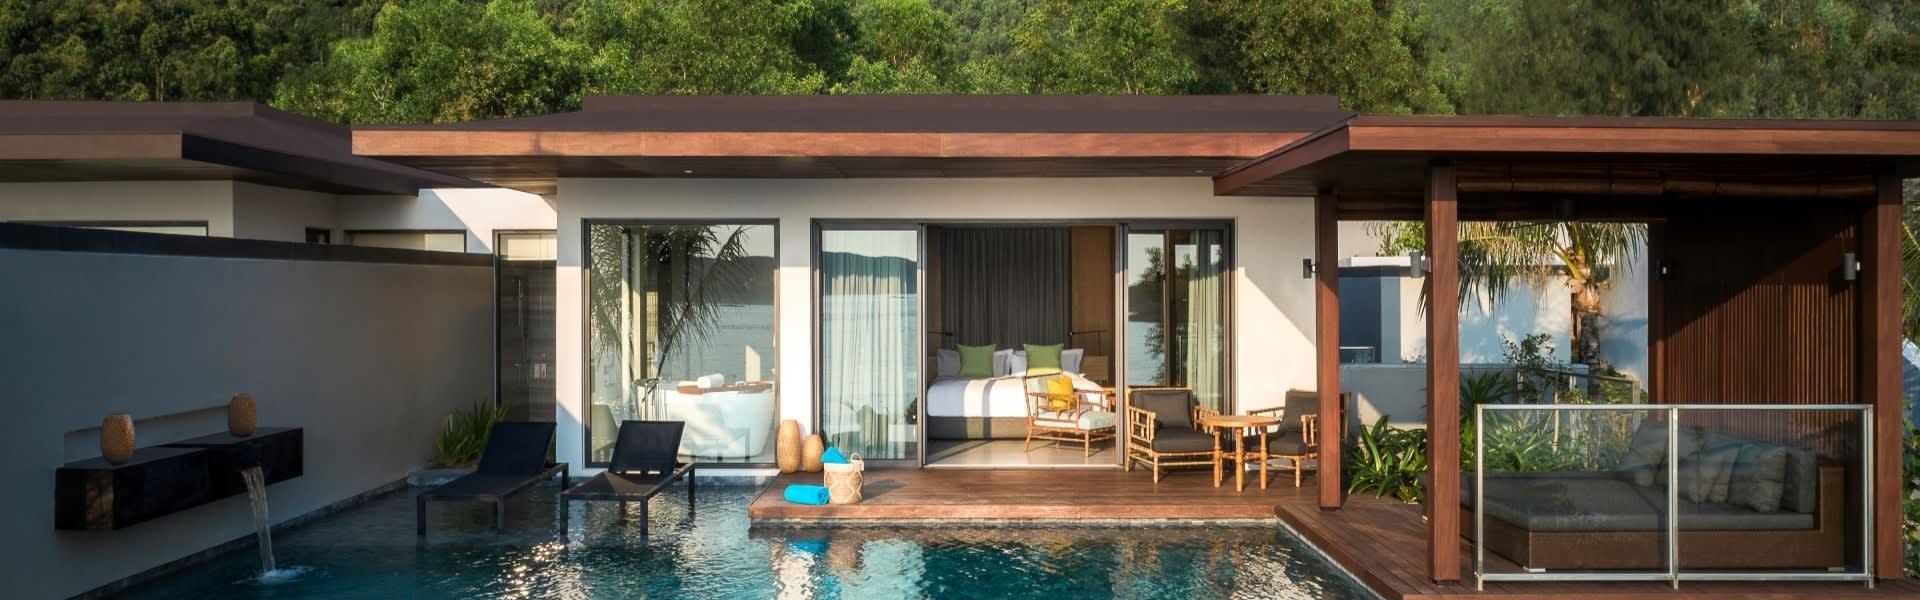 Вьетнам виллы с бассейном недвижимость лас вегаса